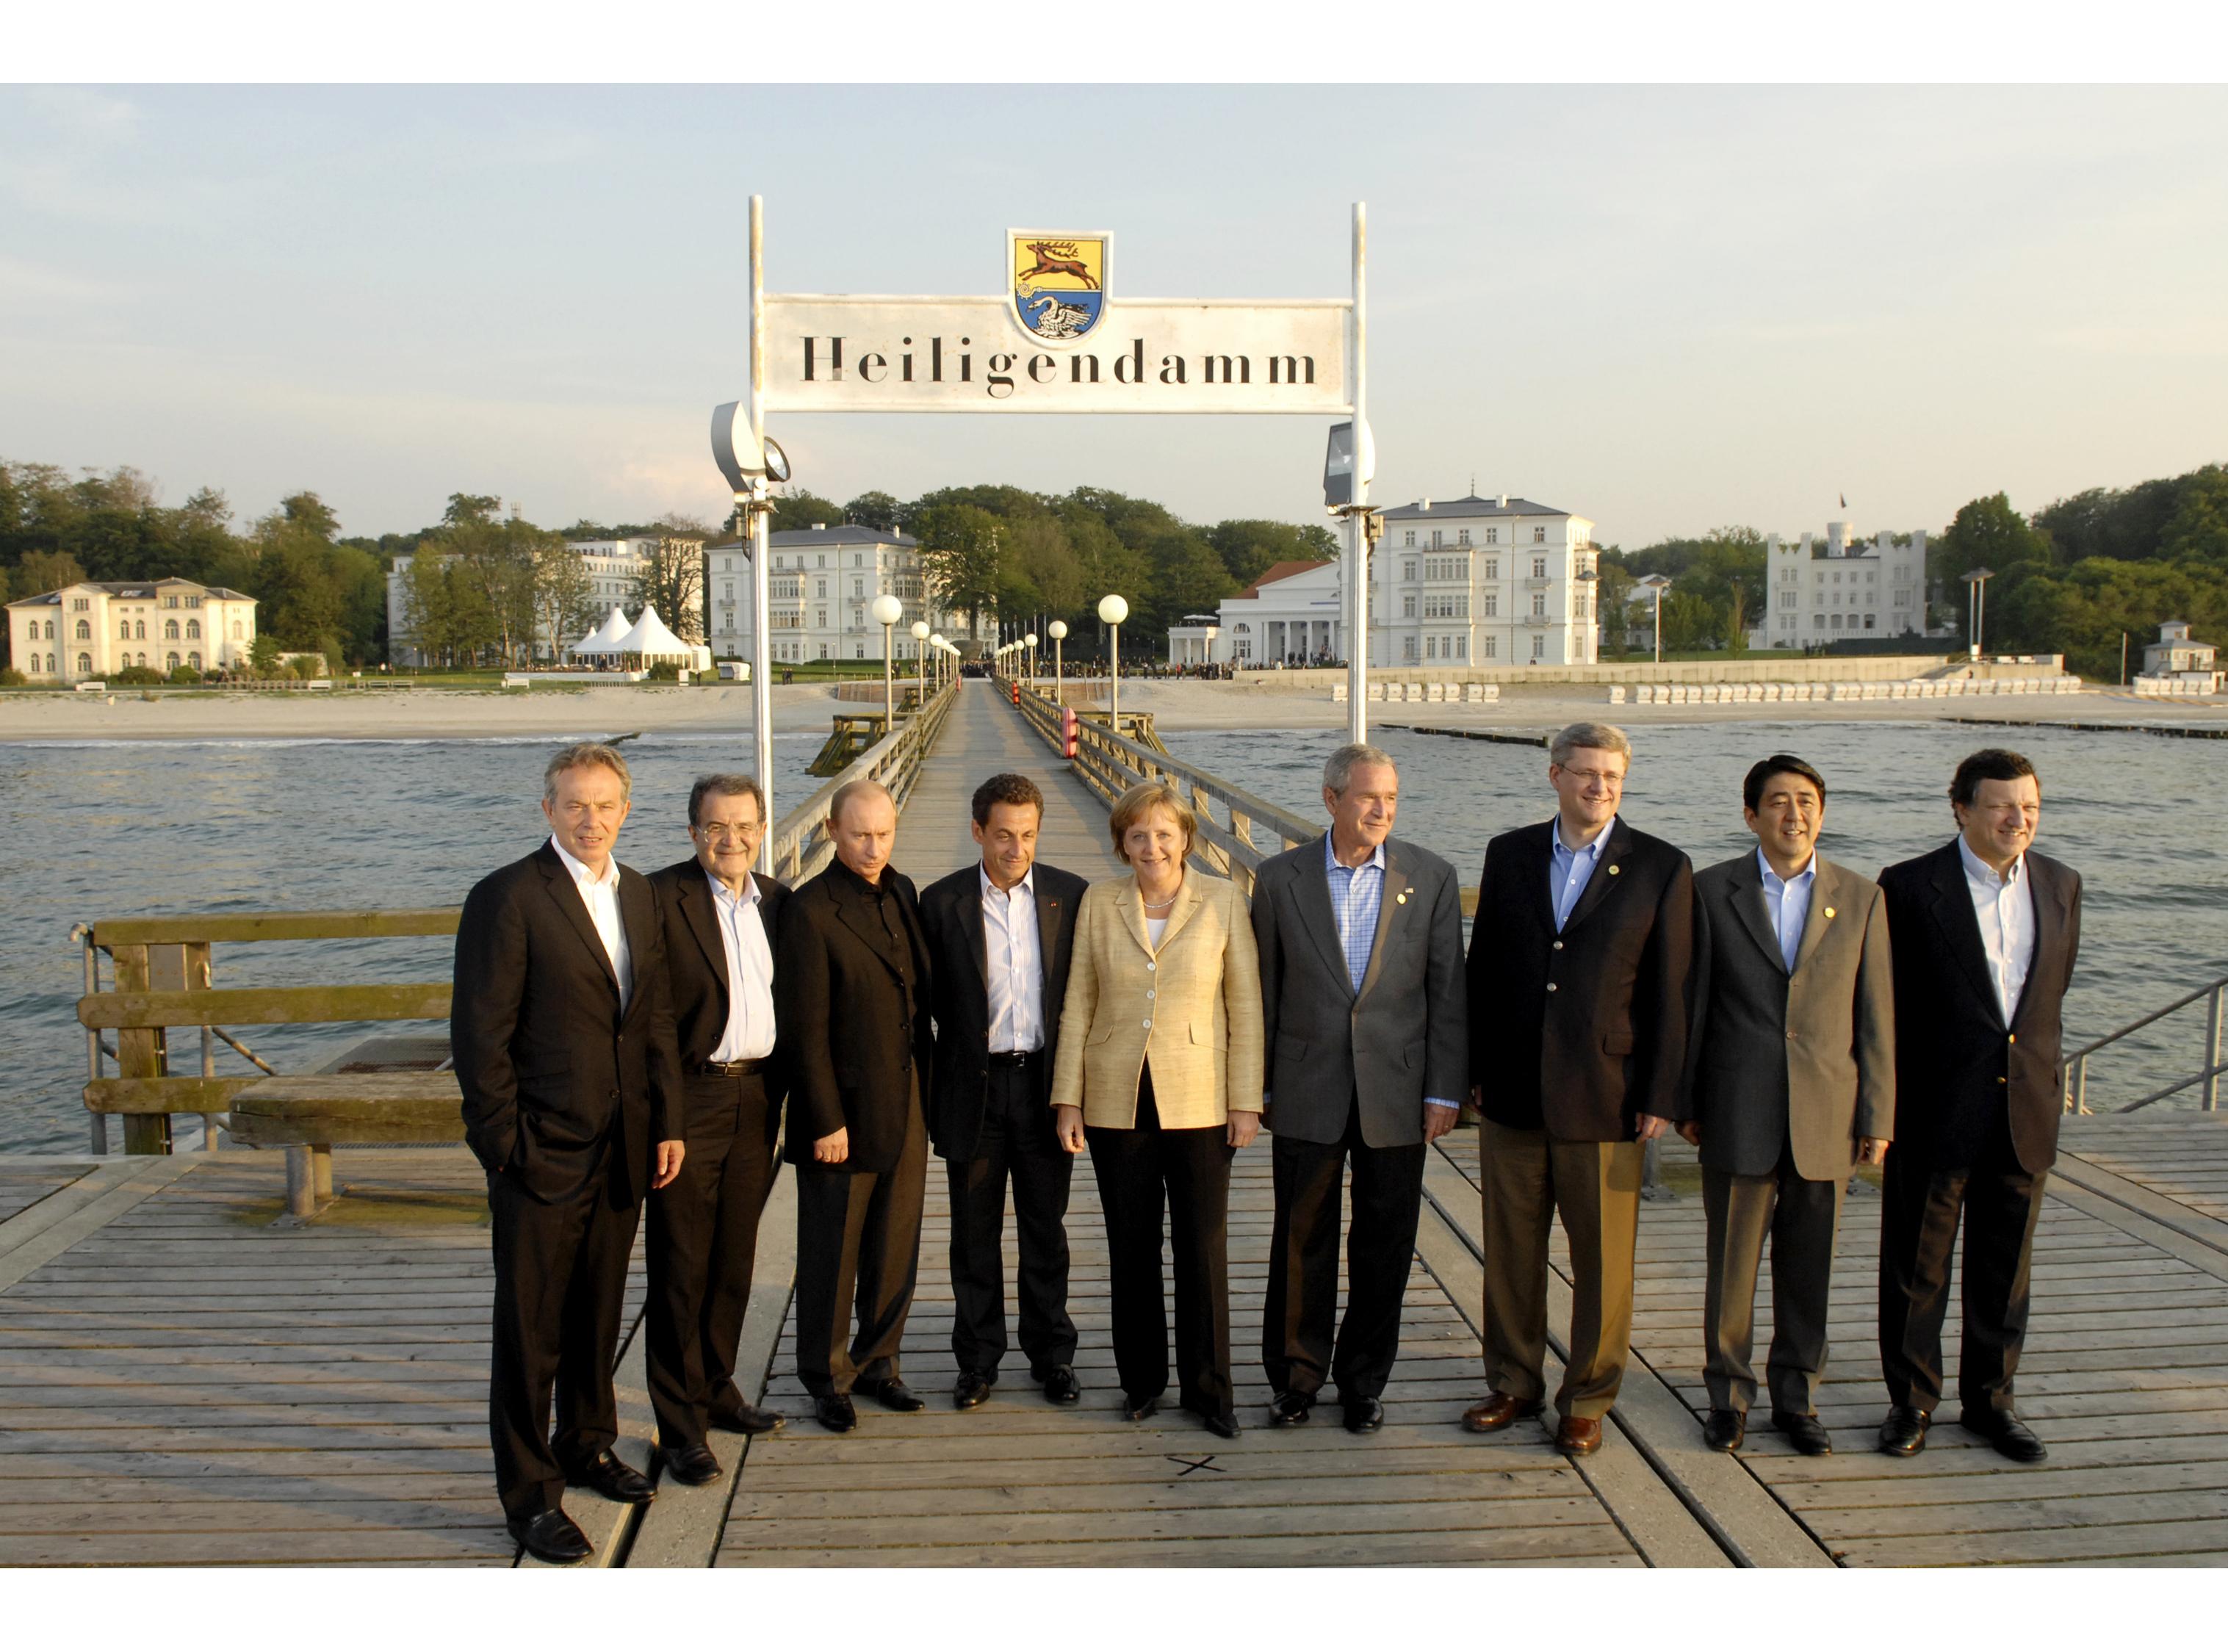 Heiligendamm 2007